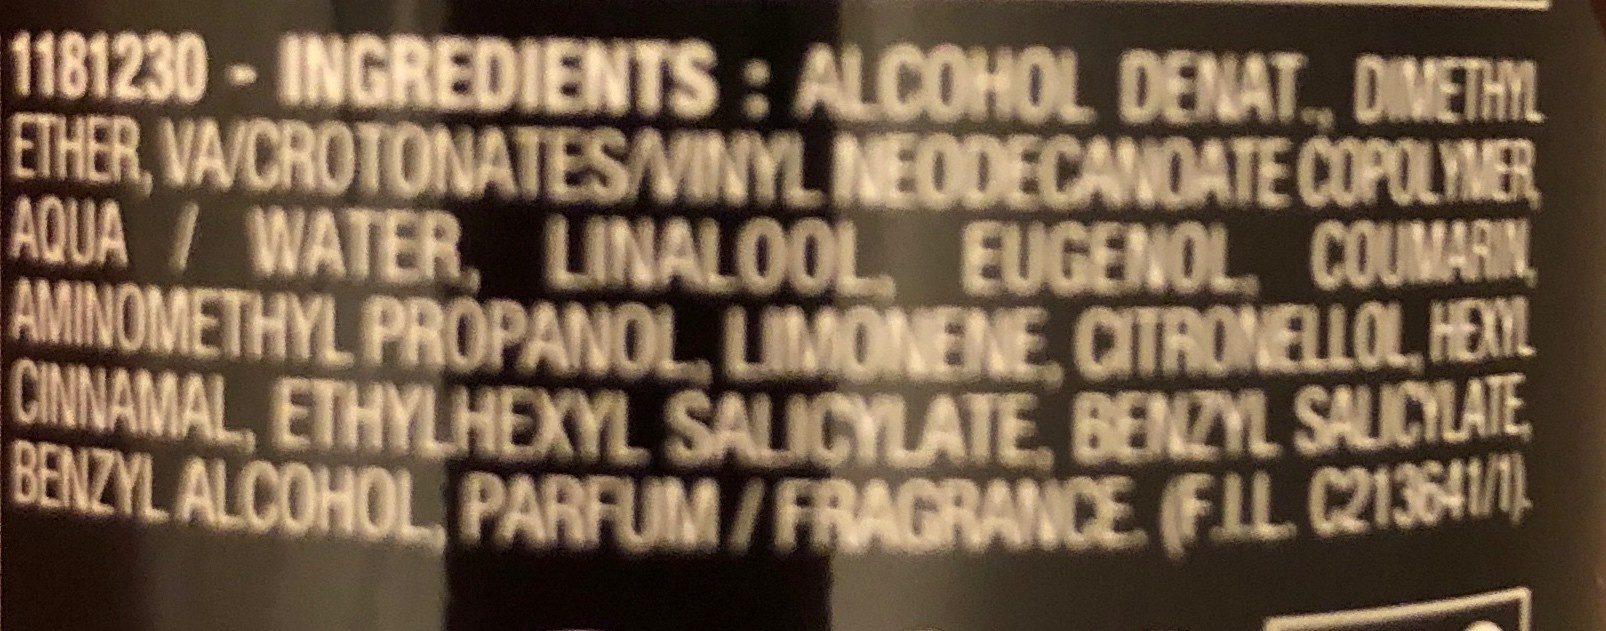 Eclat laque - Ingredients - fr